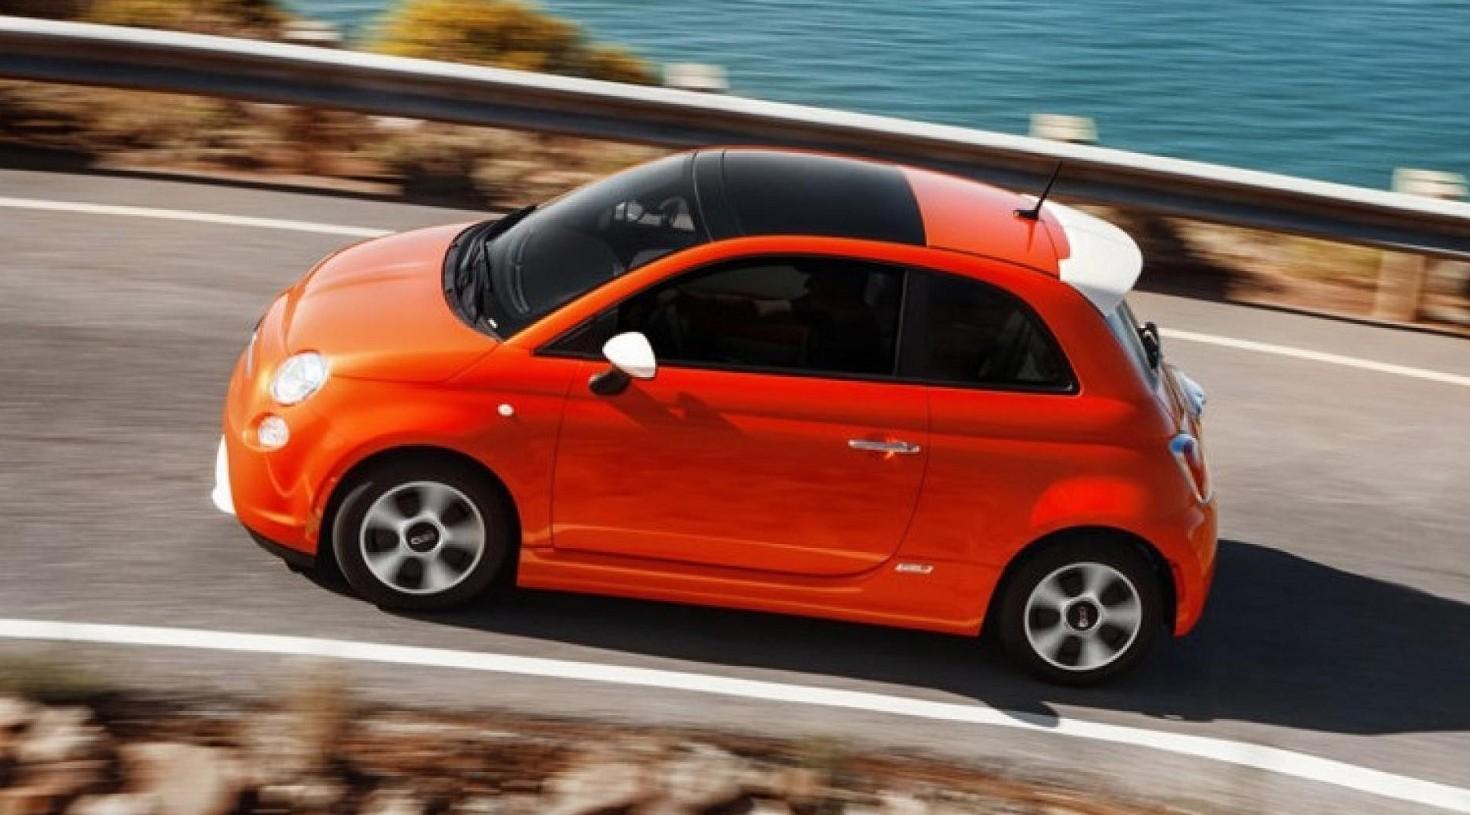 Nuova Fiat 500, tutte le varianti in arr